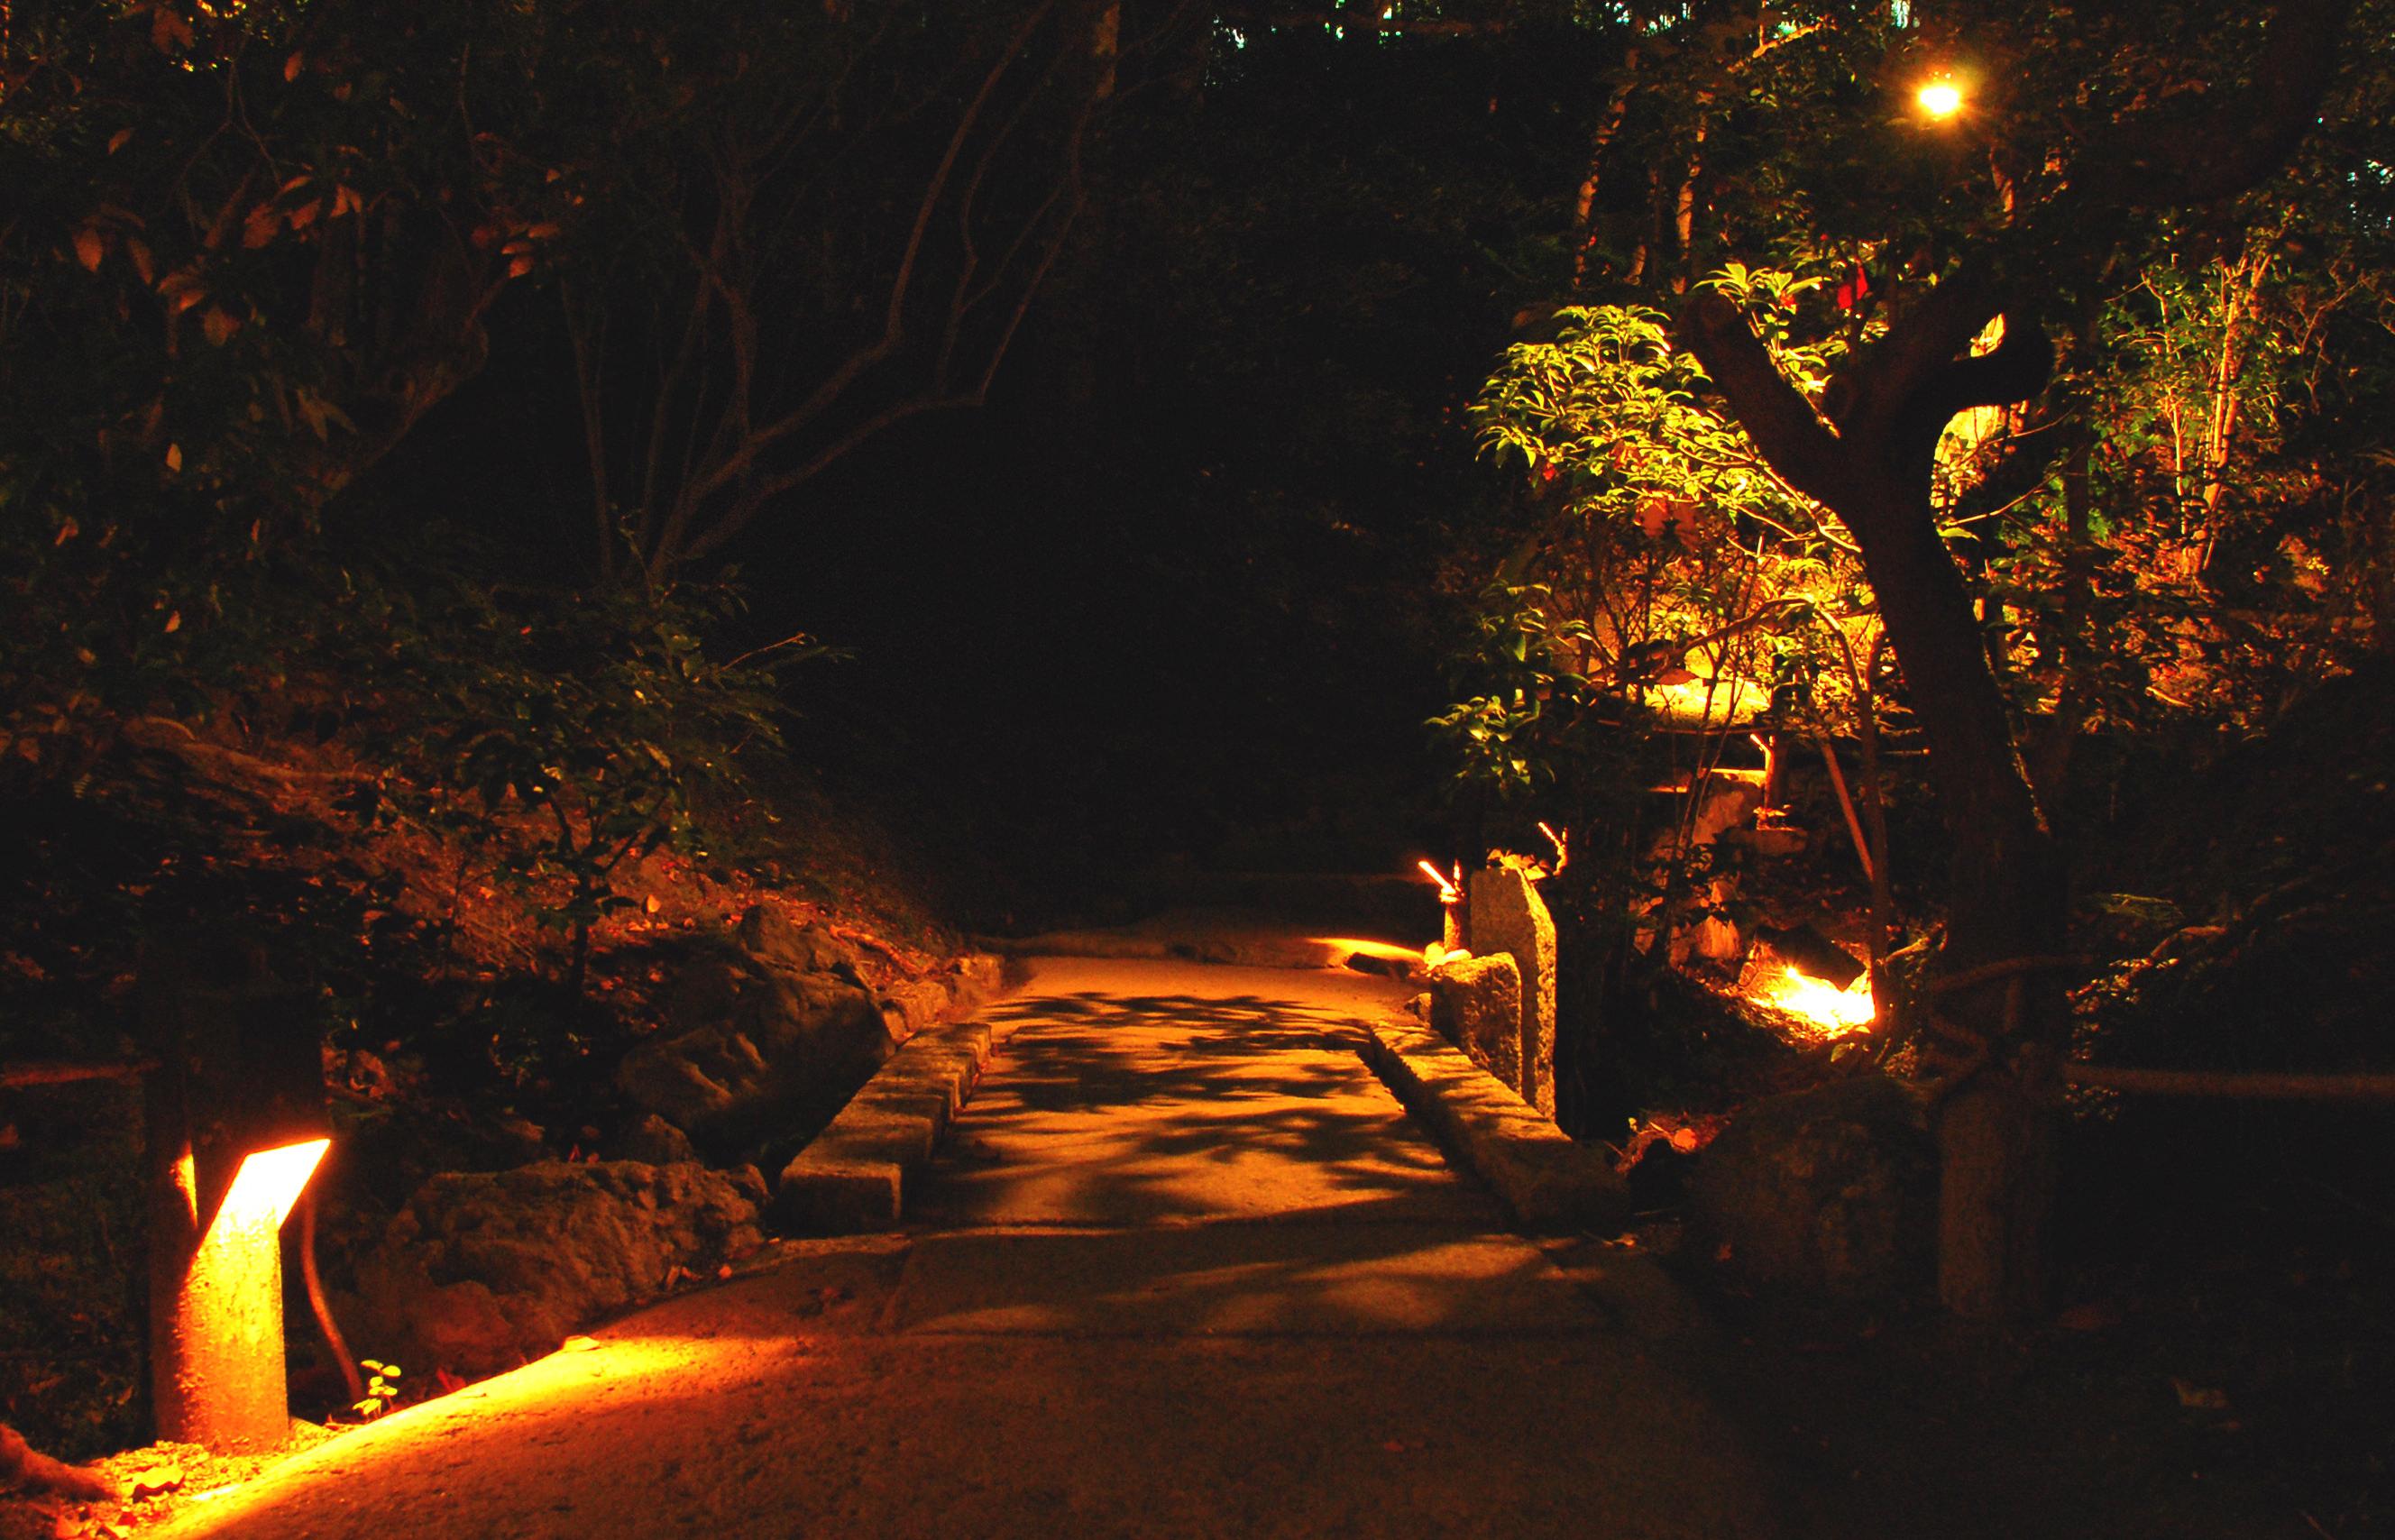 02_小路に落ちる葉の影